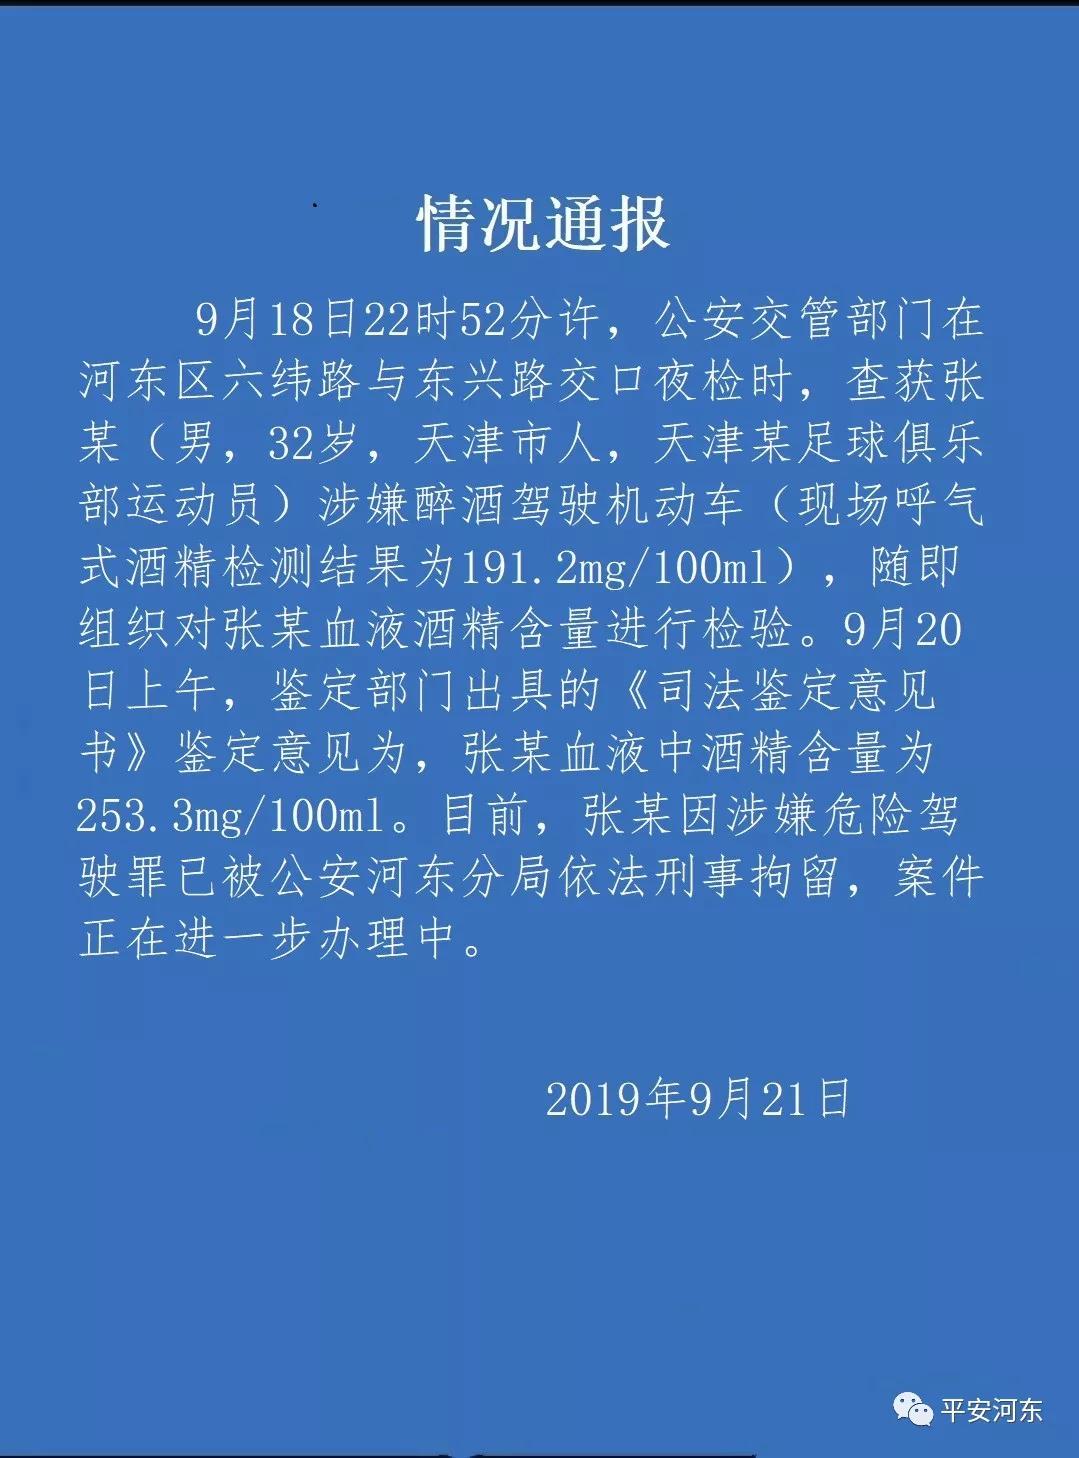 国足门将张鹭醉驾已被天津警方刑拘 血液酒精数值高达253.3